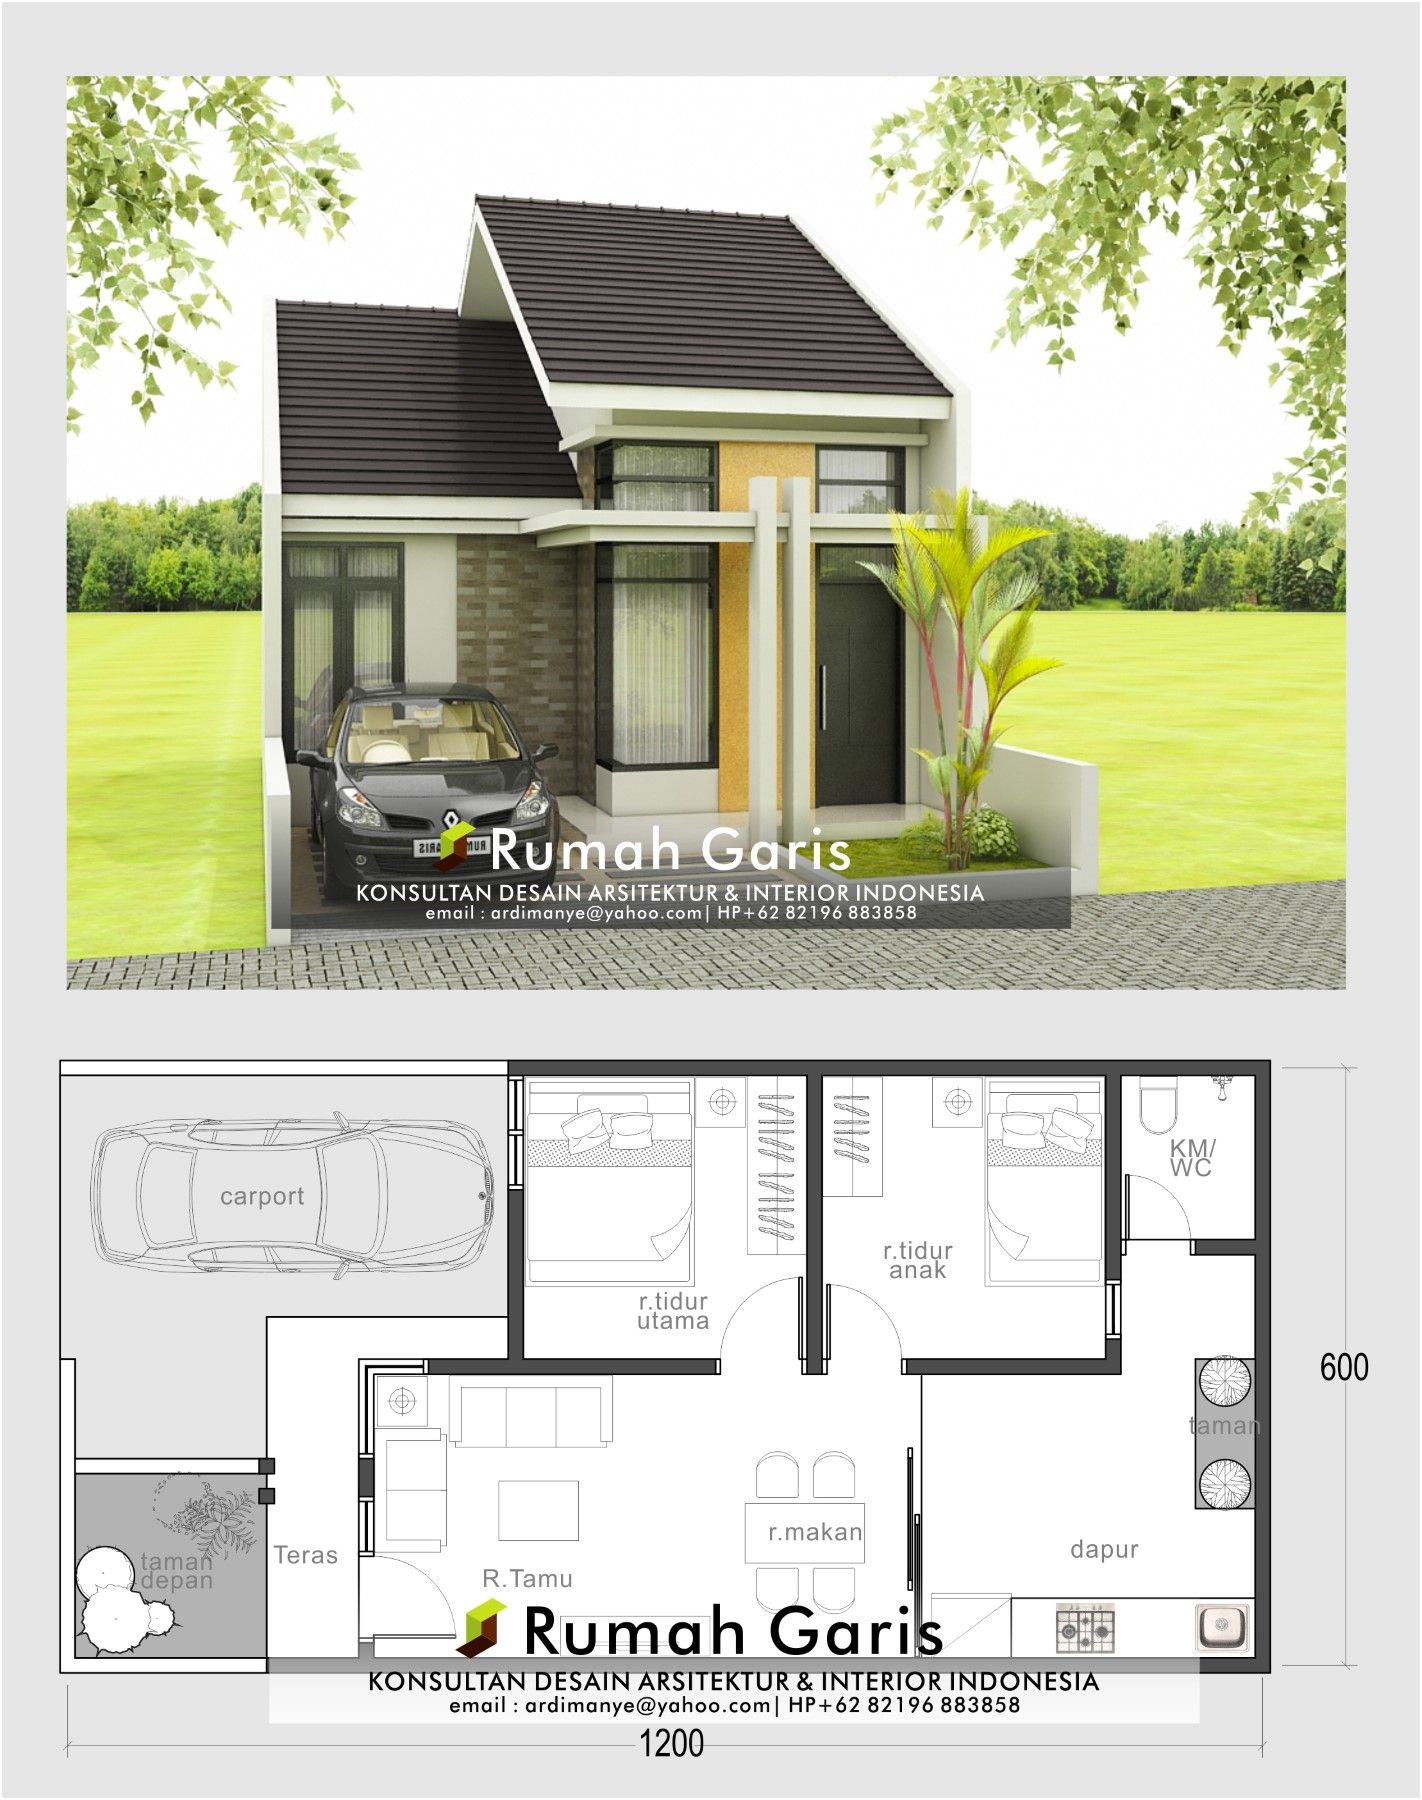 Rumah Minimalis 6x12 Tampak Depan : rumah, minimalis, tampak, depan, Lantai, Ukuran, Tampak, Depan, Rumah, Minimalis, Lebar, Meter, Content